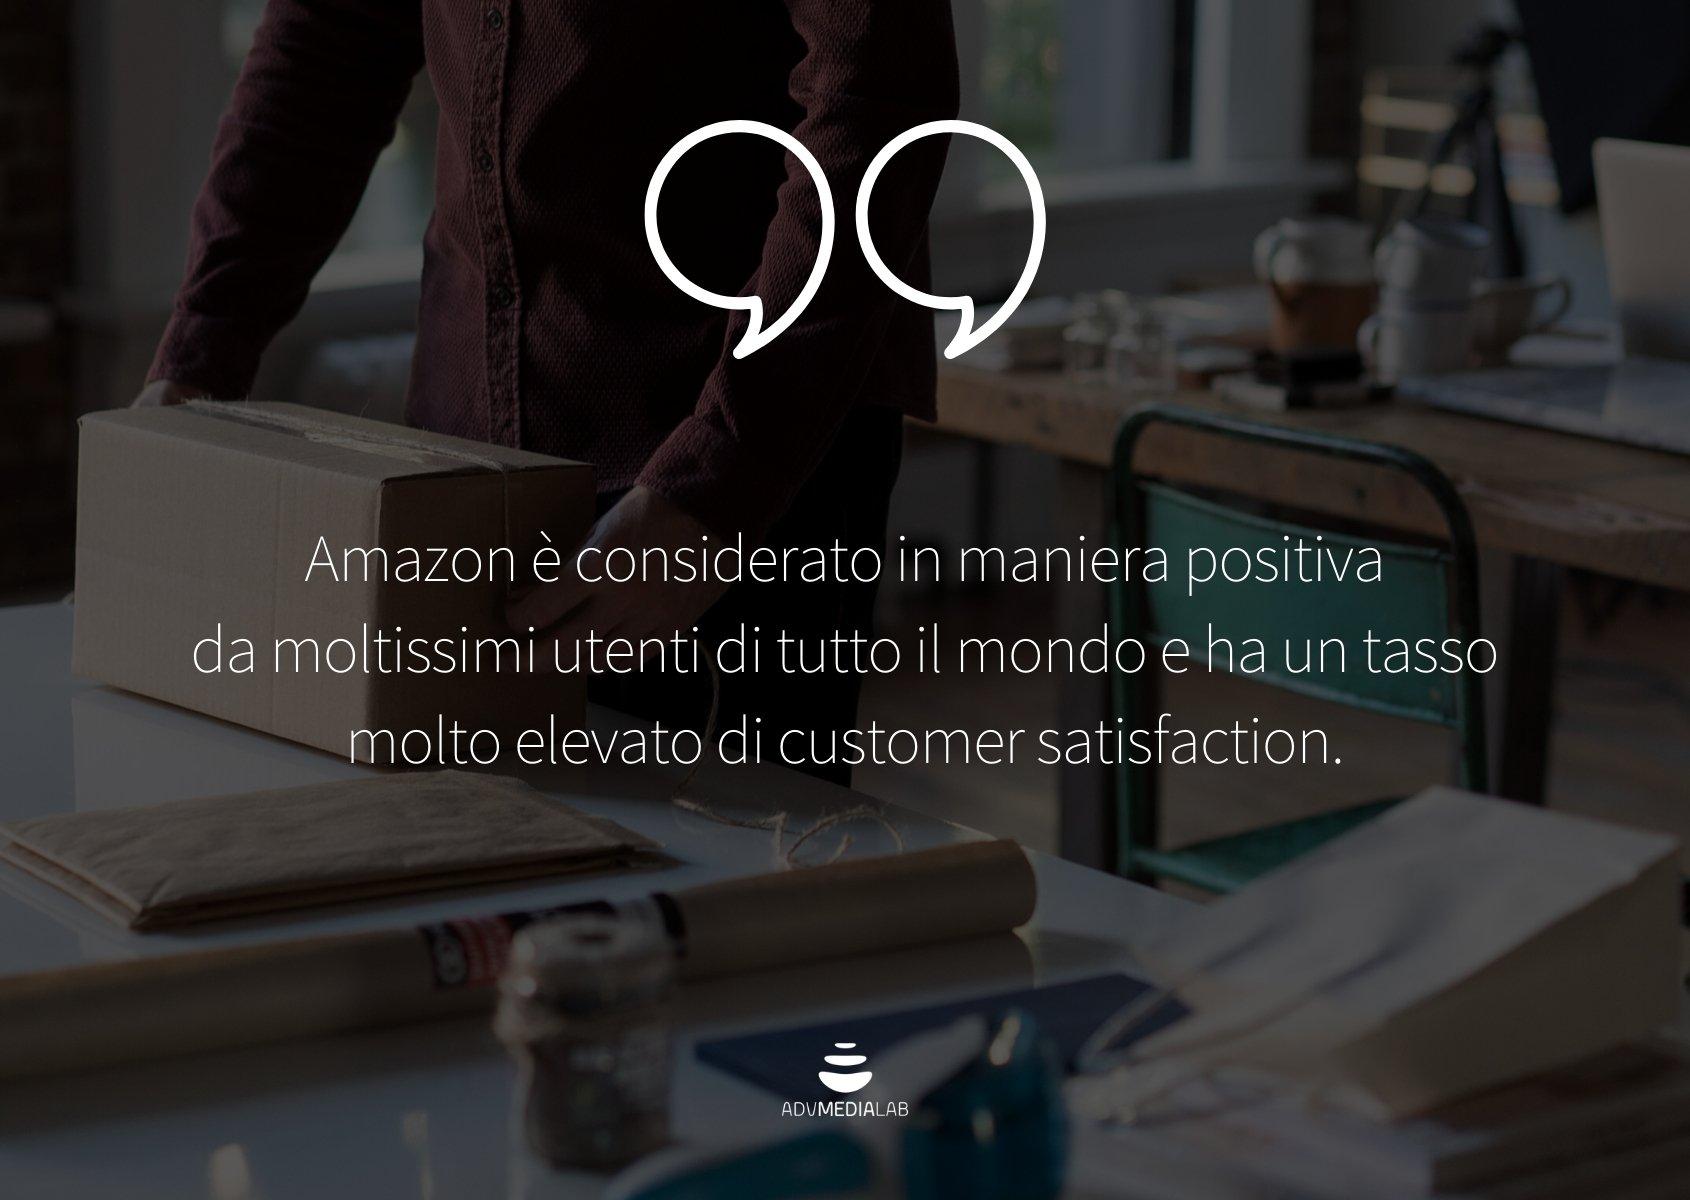 Vendere-amazon-quote1